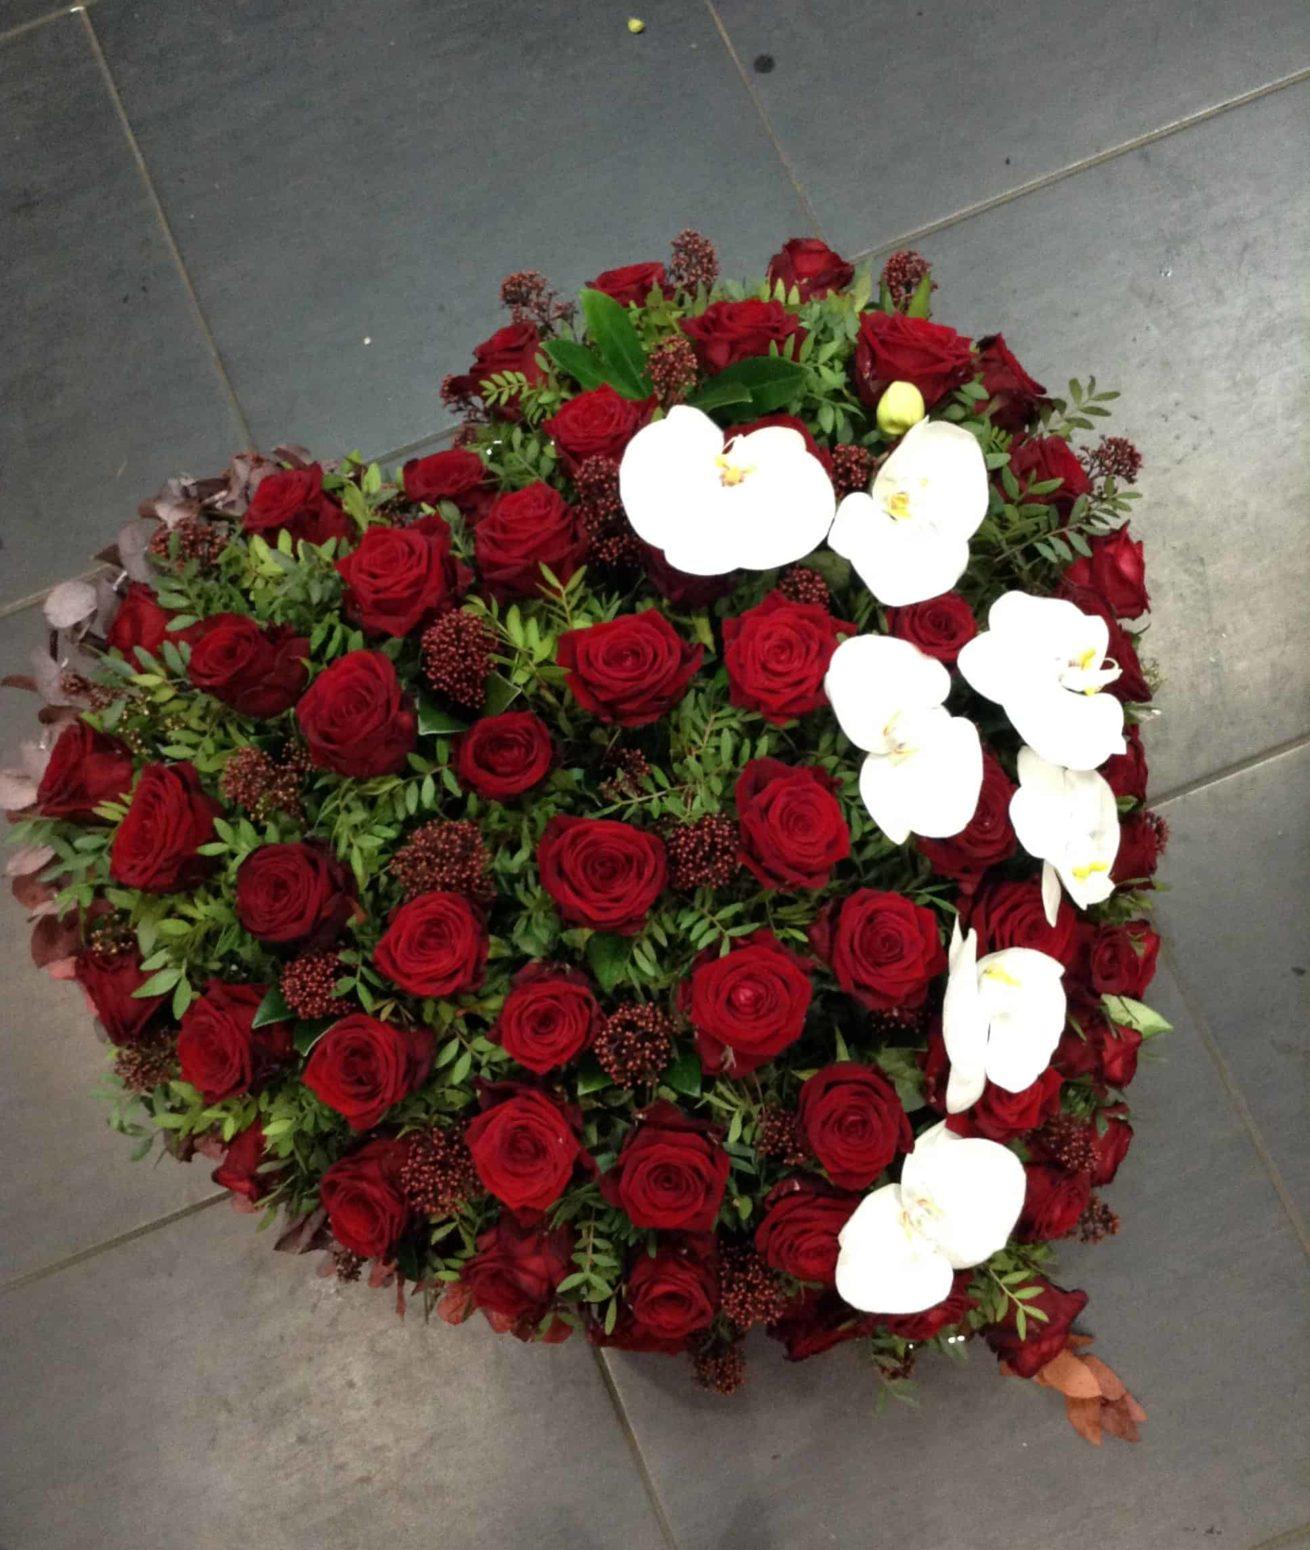 deuil-carre-roses-bordeaux-9